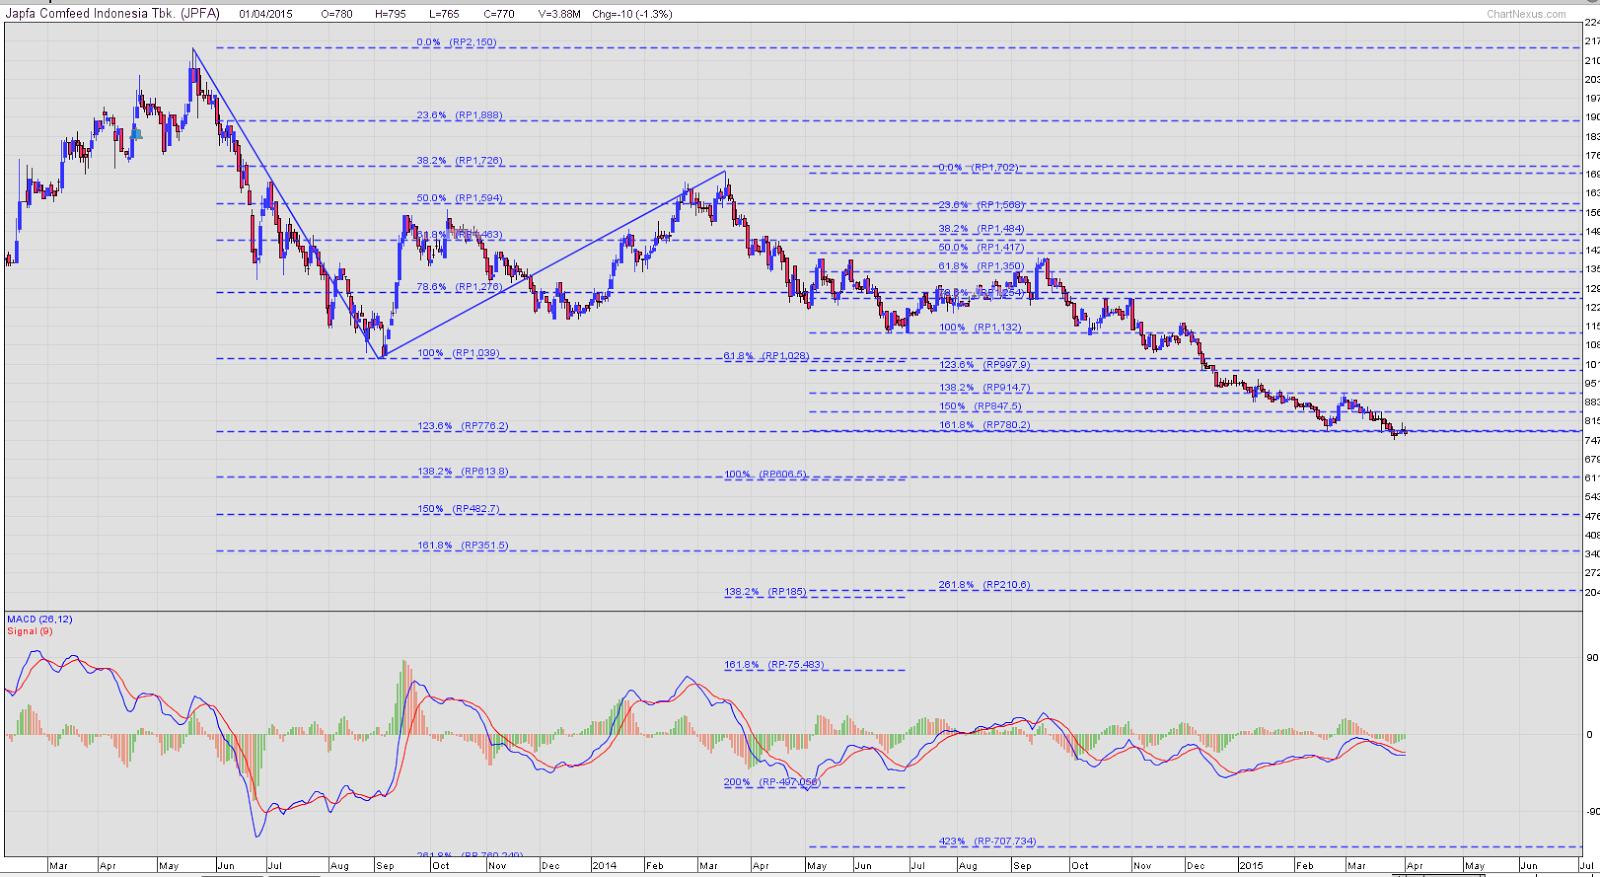 Menghitung target penurunan saham JPFA